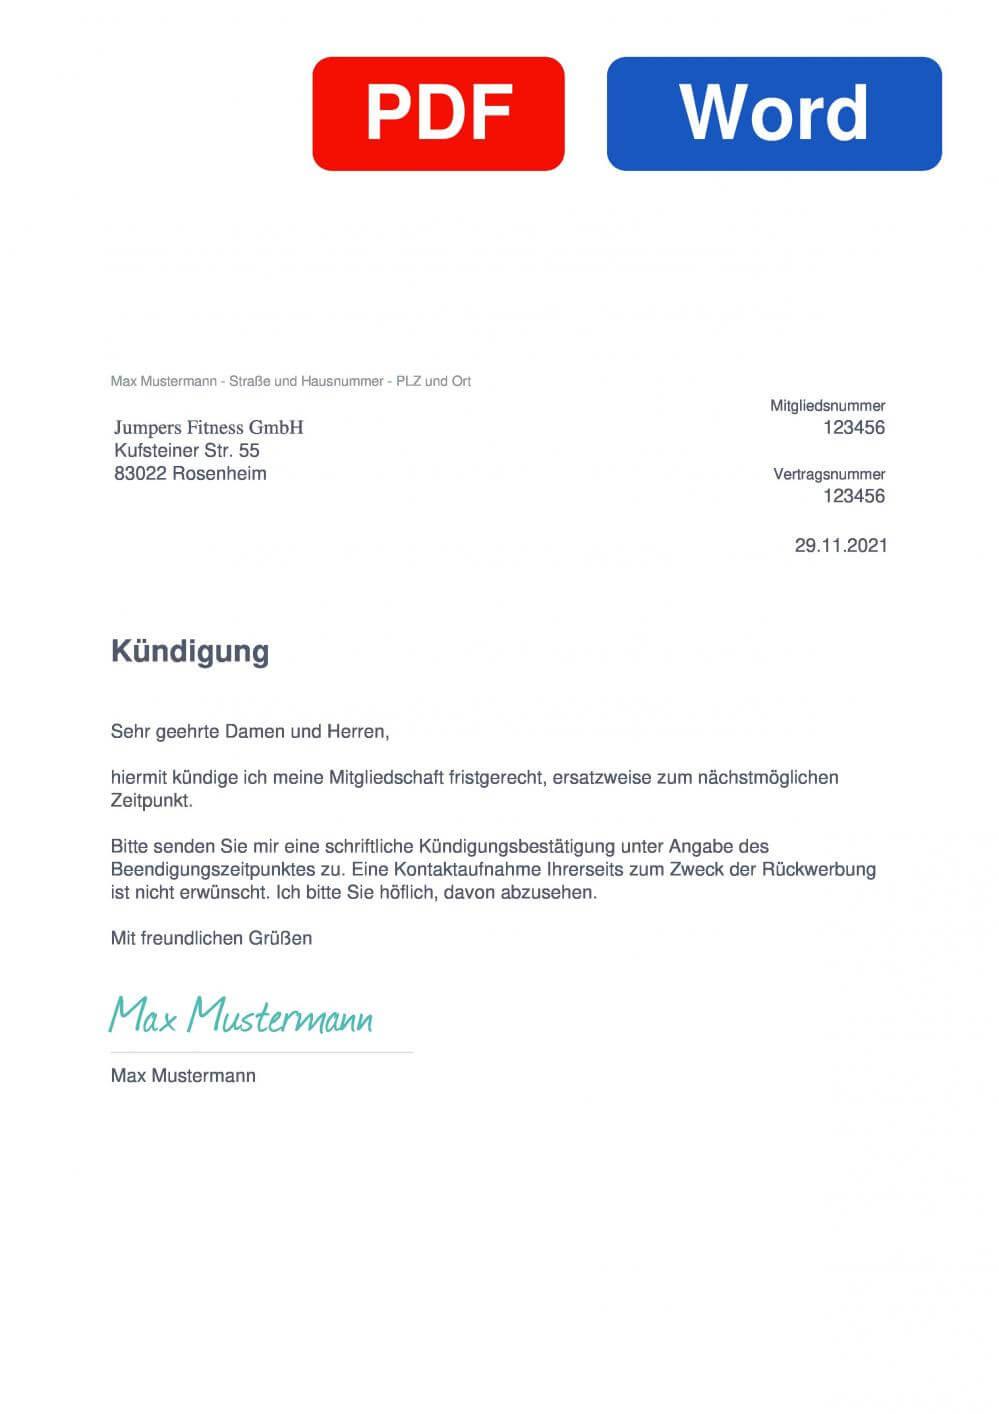 jumpers Rosenheim Muster Vorlage für Kündigungsschreiben